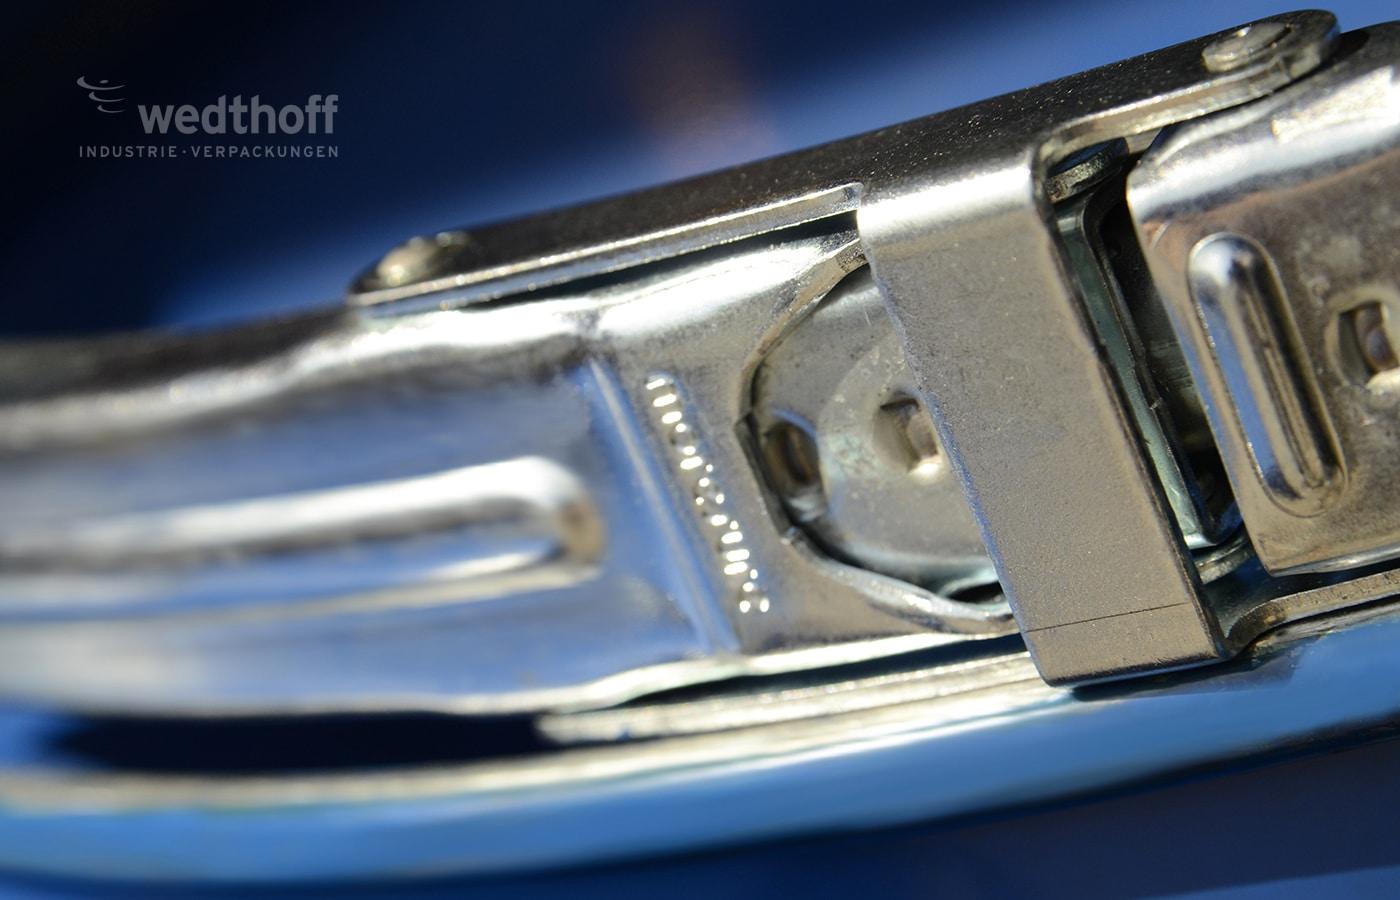 Stahlfass / Deckelfass / Spundfass / Kombifass / Bergunsgfass. Beste Qualität Industrieverpackungen by WEDTHOFF